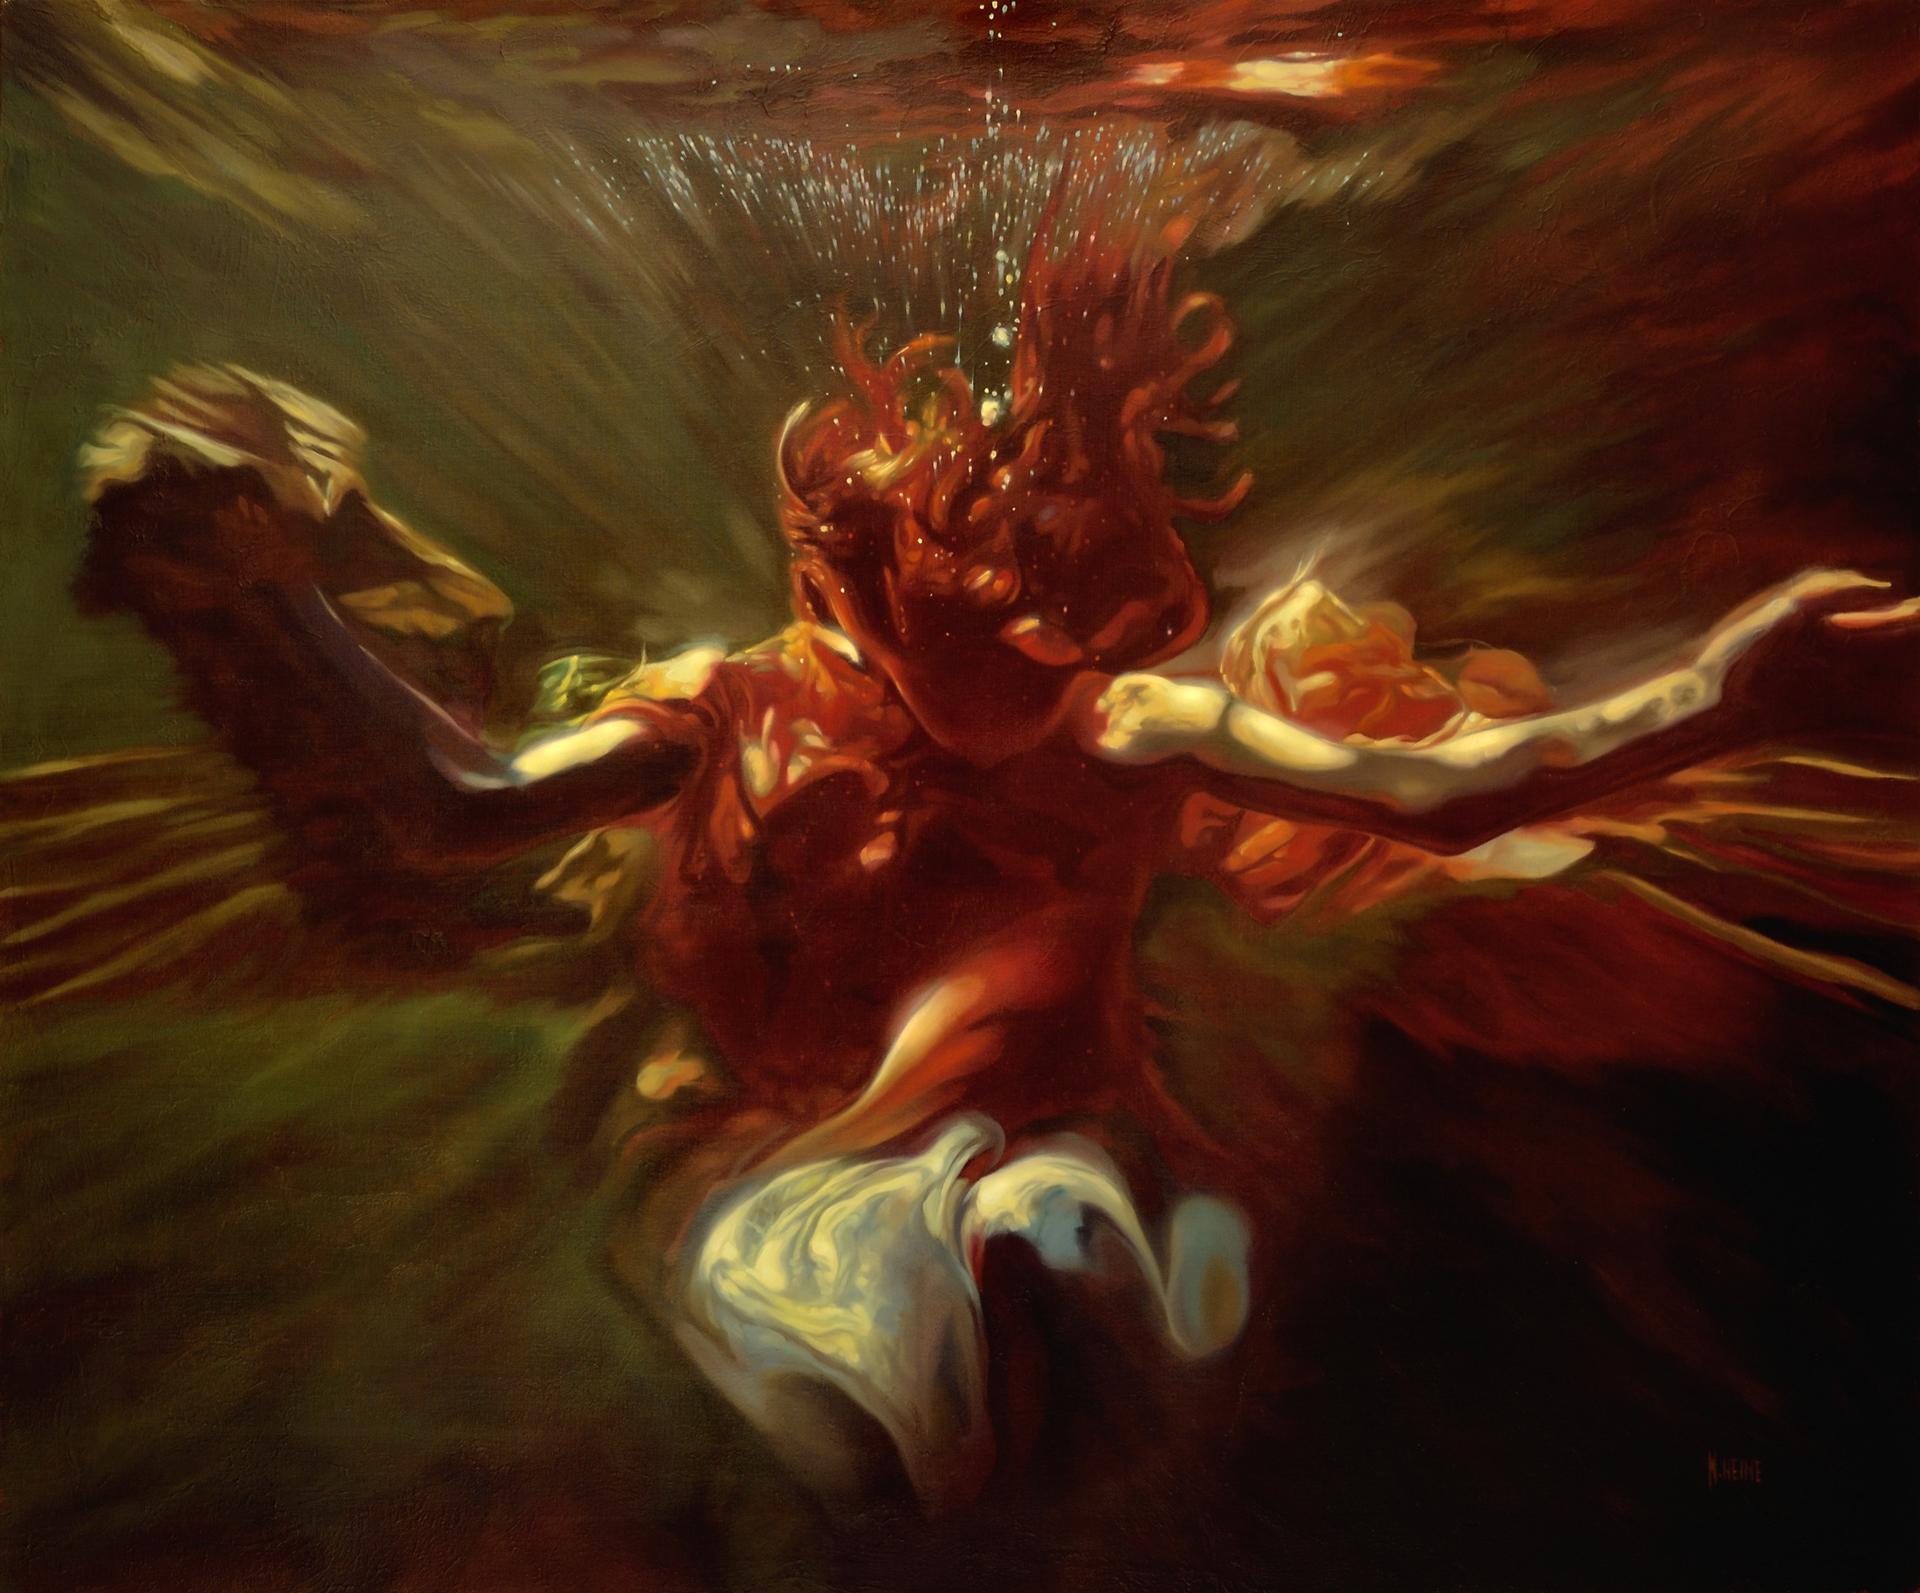 Salvation, study by Mark Heine